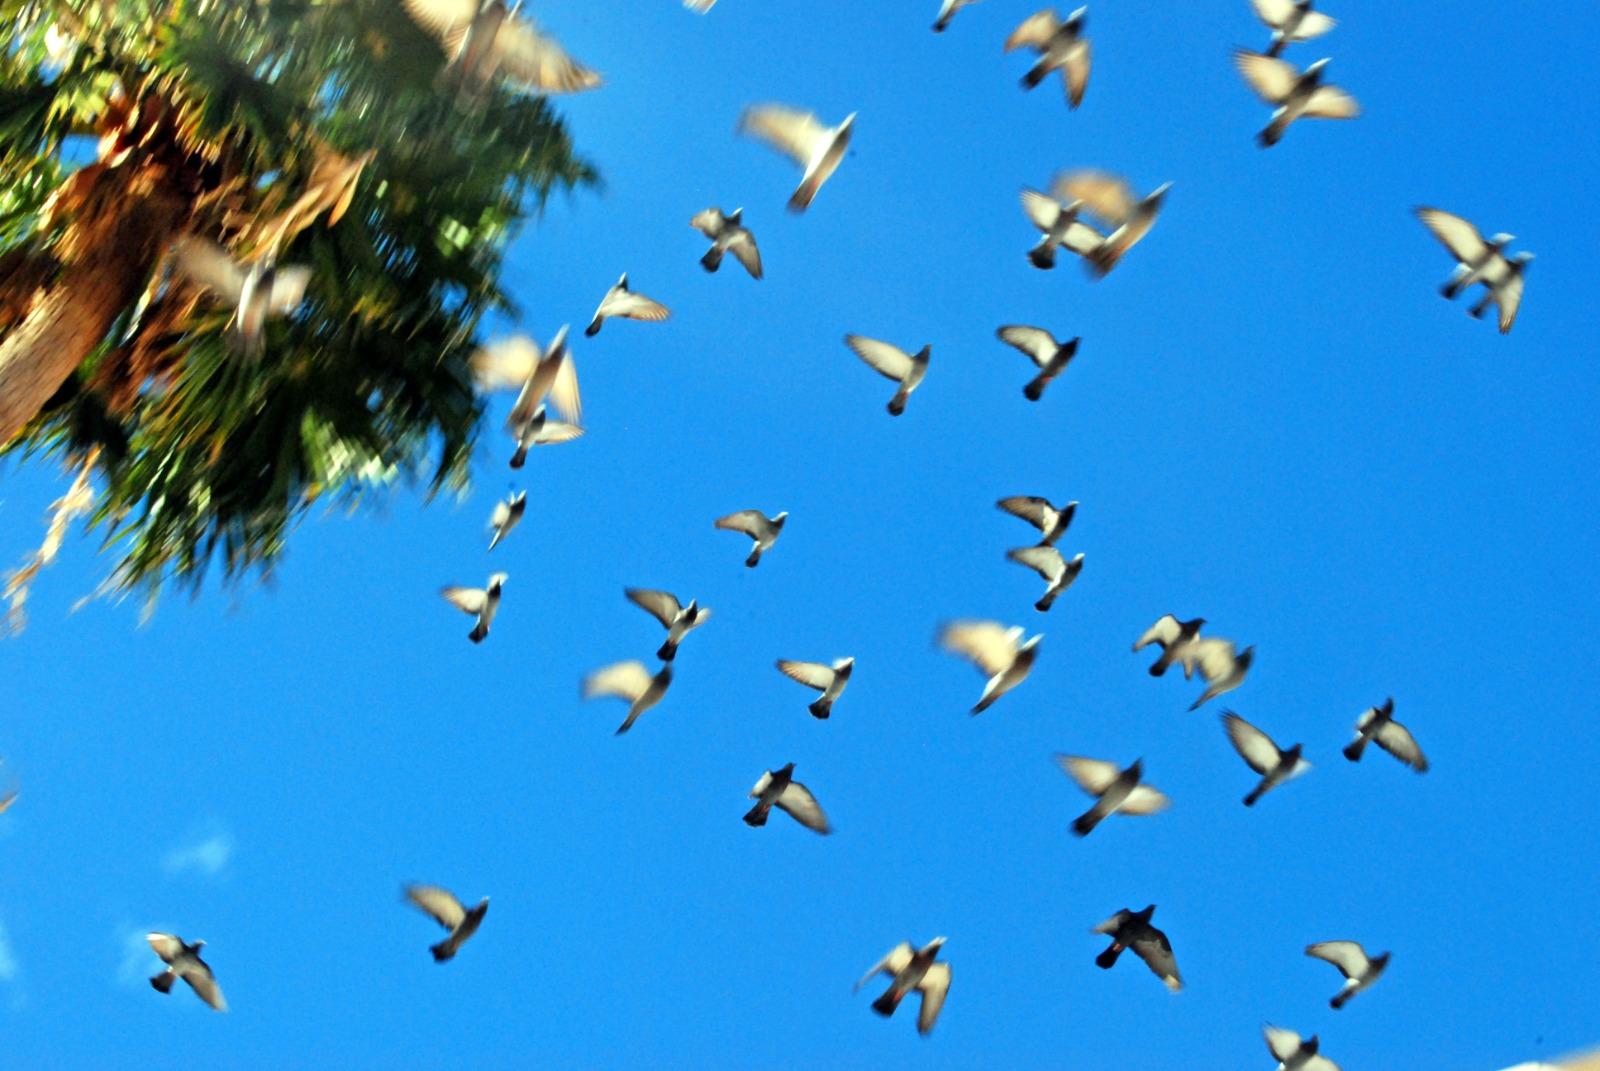 Viele Tauben die neben einer Palme davonfliegen.